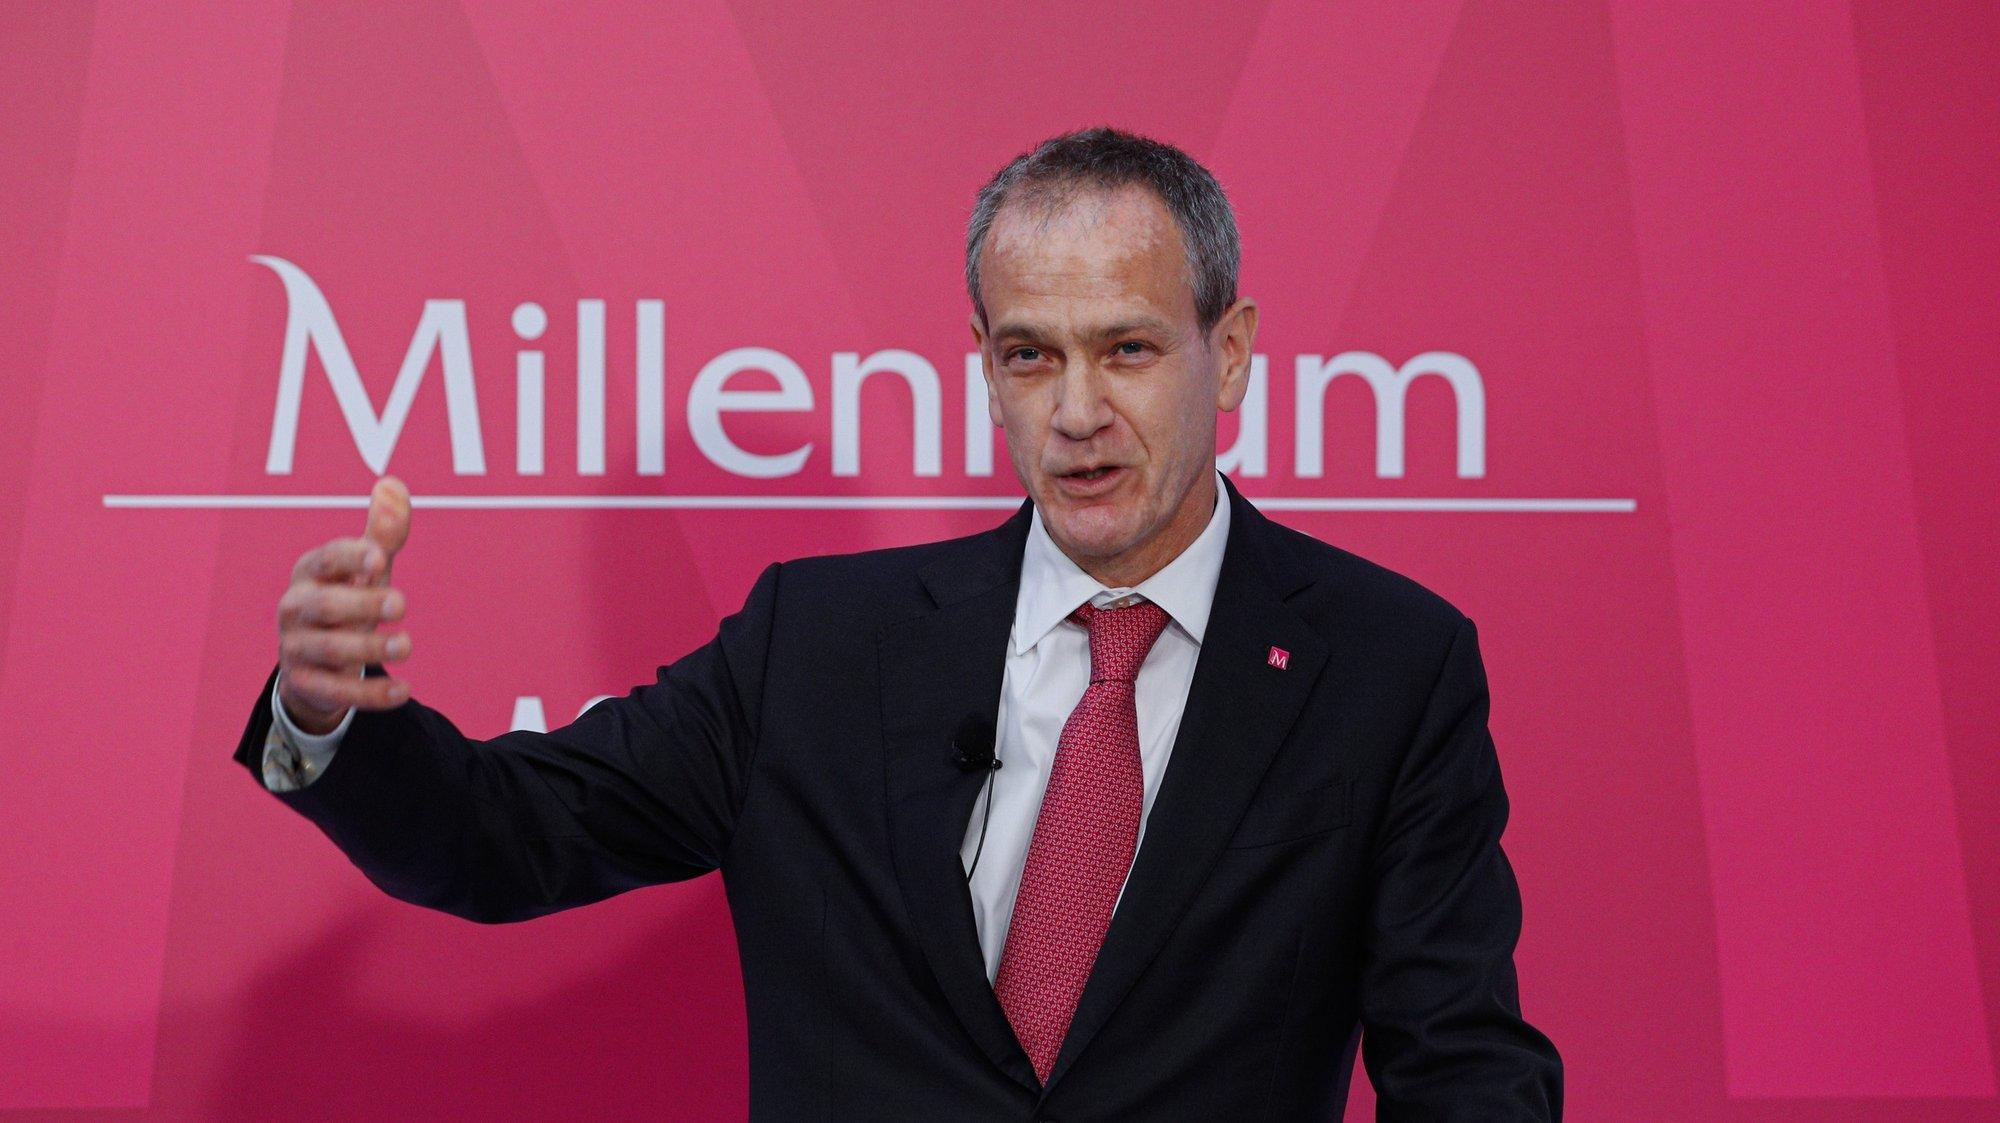 O presidente do  Millennium Bcp, Miguel Maya, durante a  apresentação dos resultados do banco durante o ano de 2020, Oeiras  25de fevereiro de 2021. ANTÓNIO COTRIM/LUSA